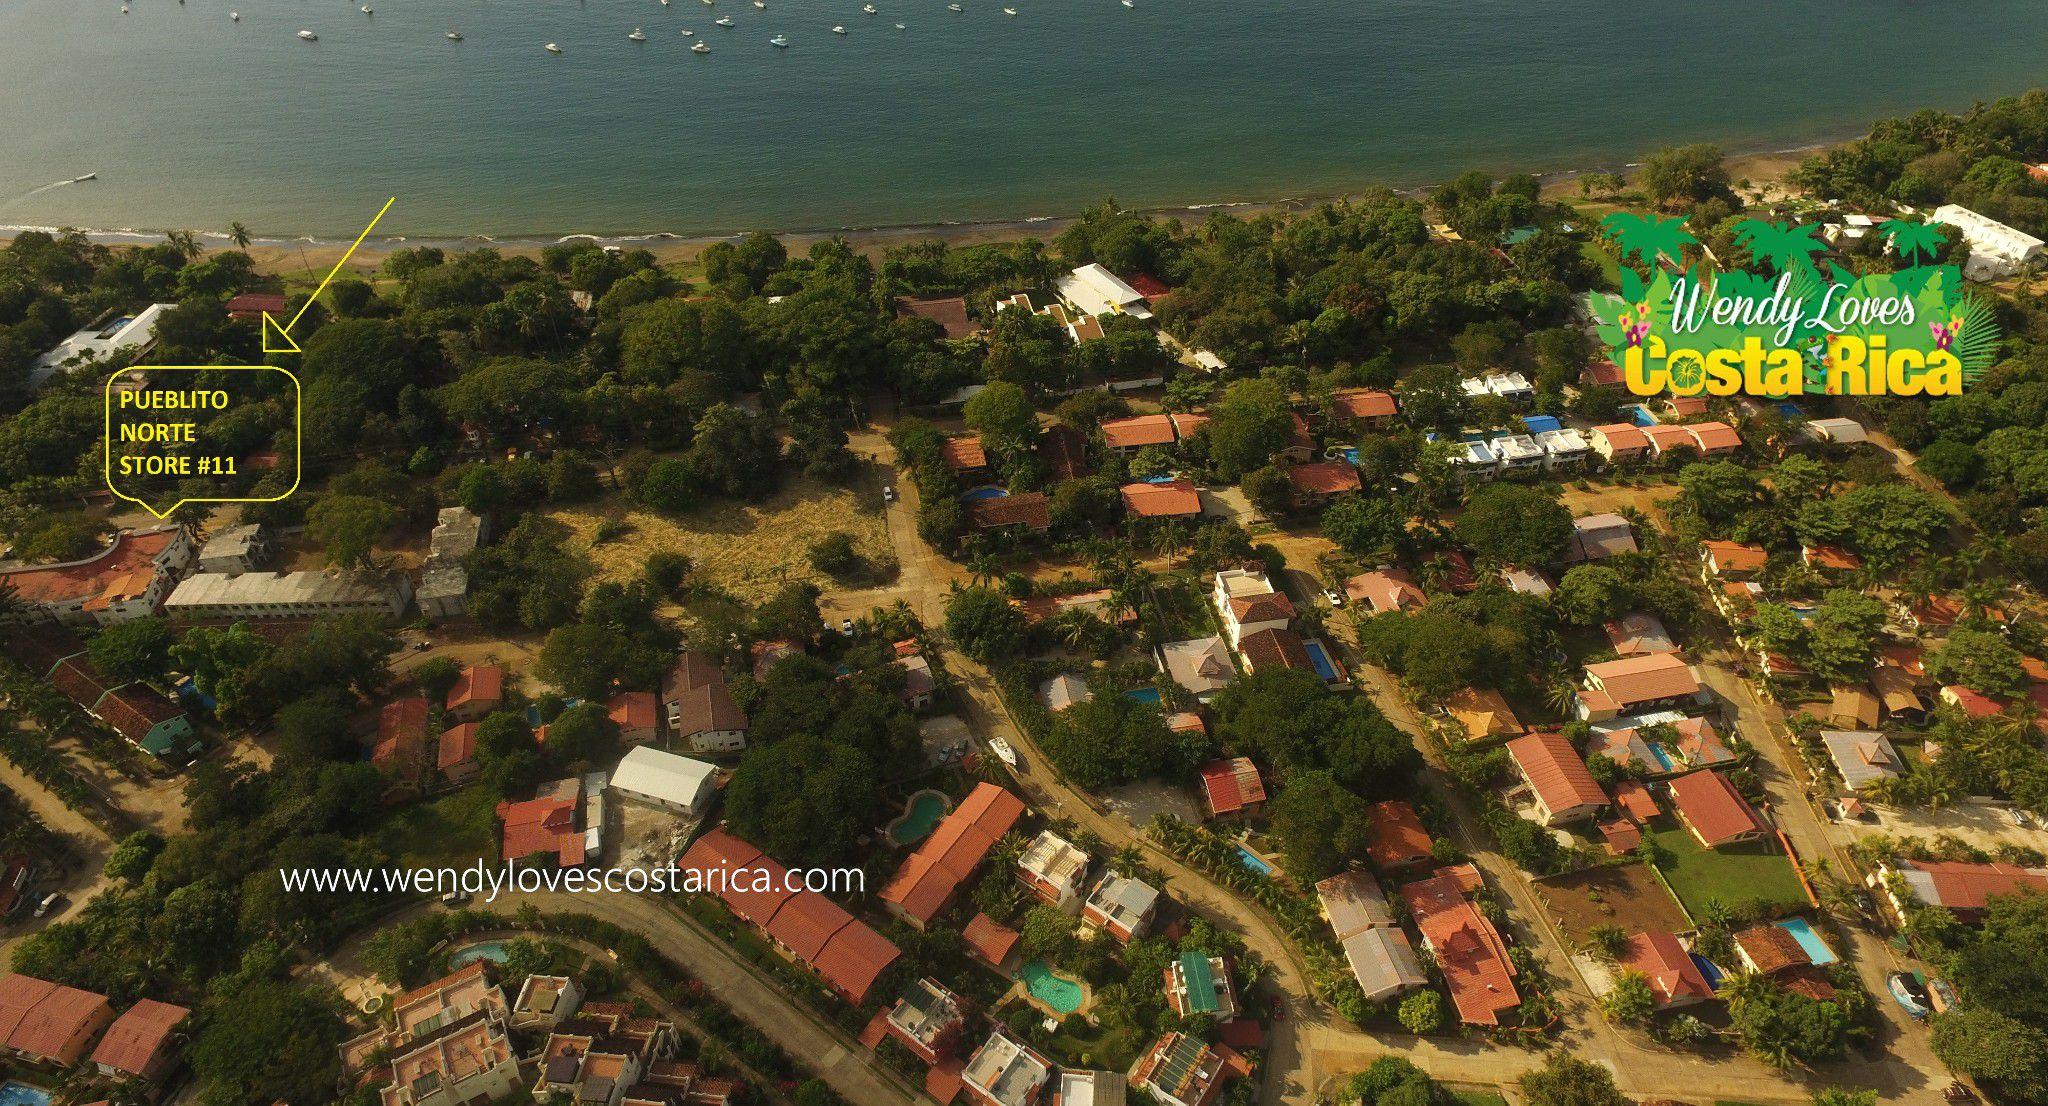 Main Photo: OFFICE #11 FLOR DE LIMON in Playas Del Coco: Las Palmas Commercial for sale